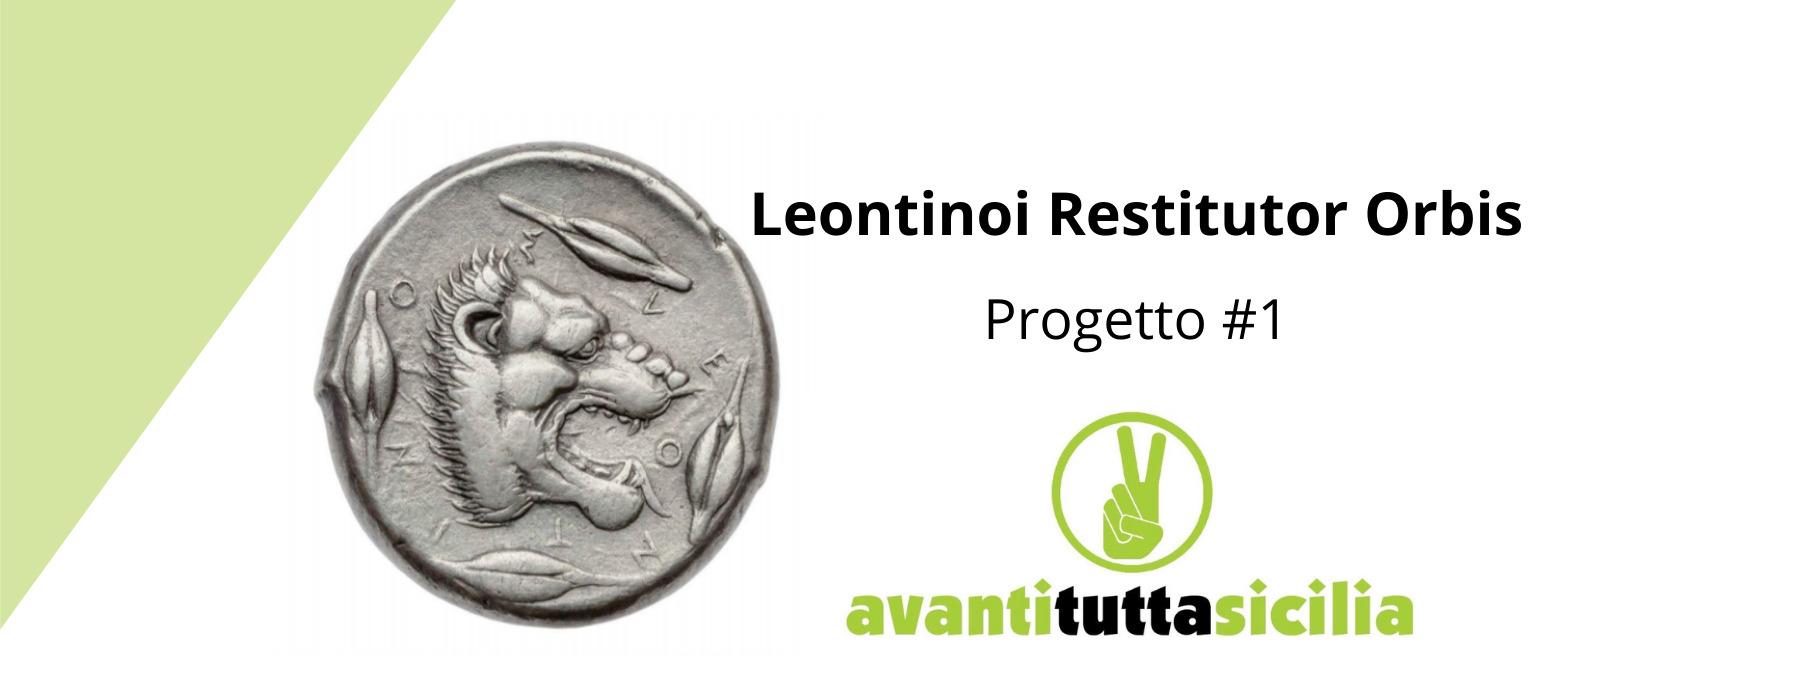 Leontinoi Restitutor Orbis – Progetto #1